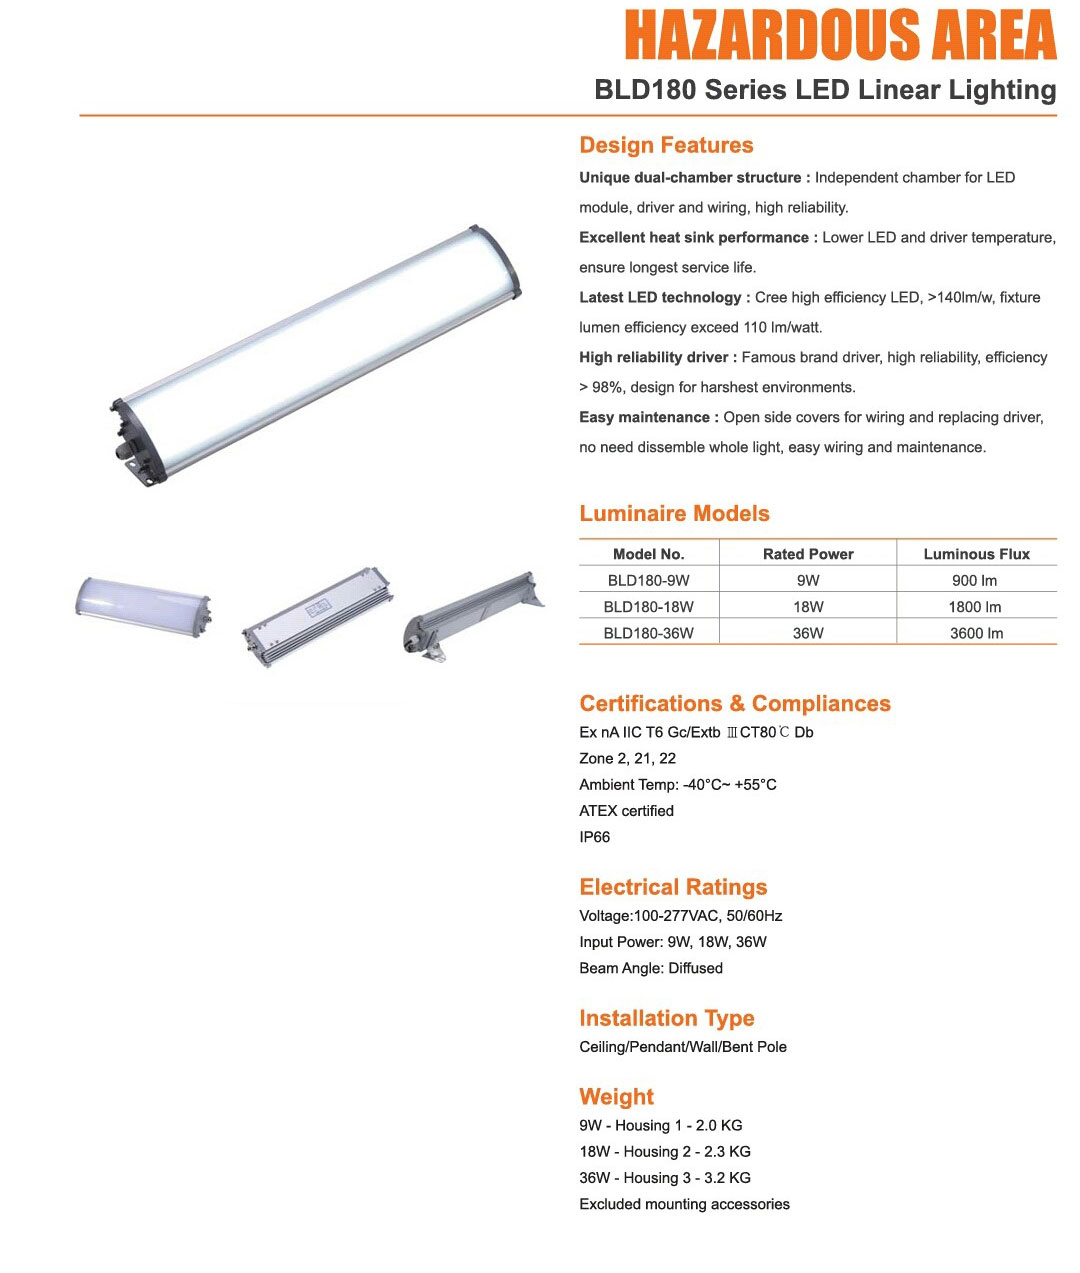 BLD180 LED Linear Lighting